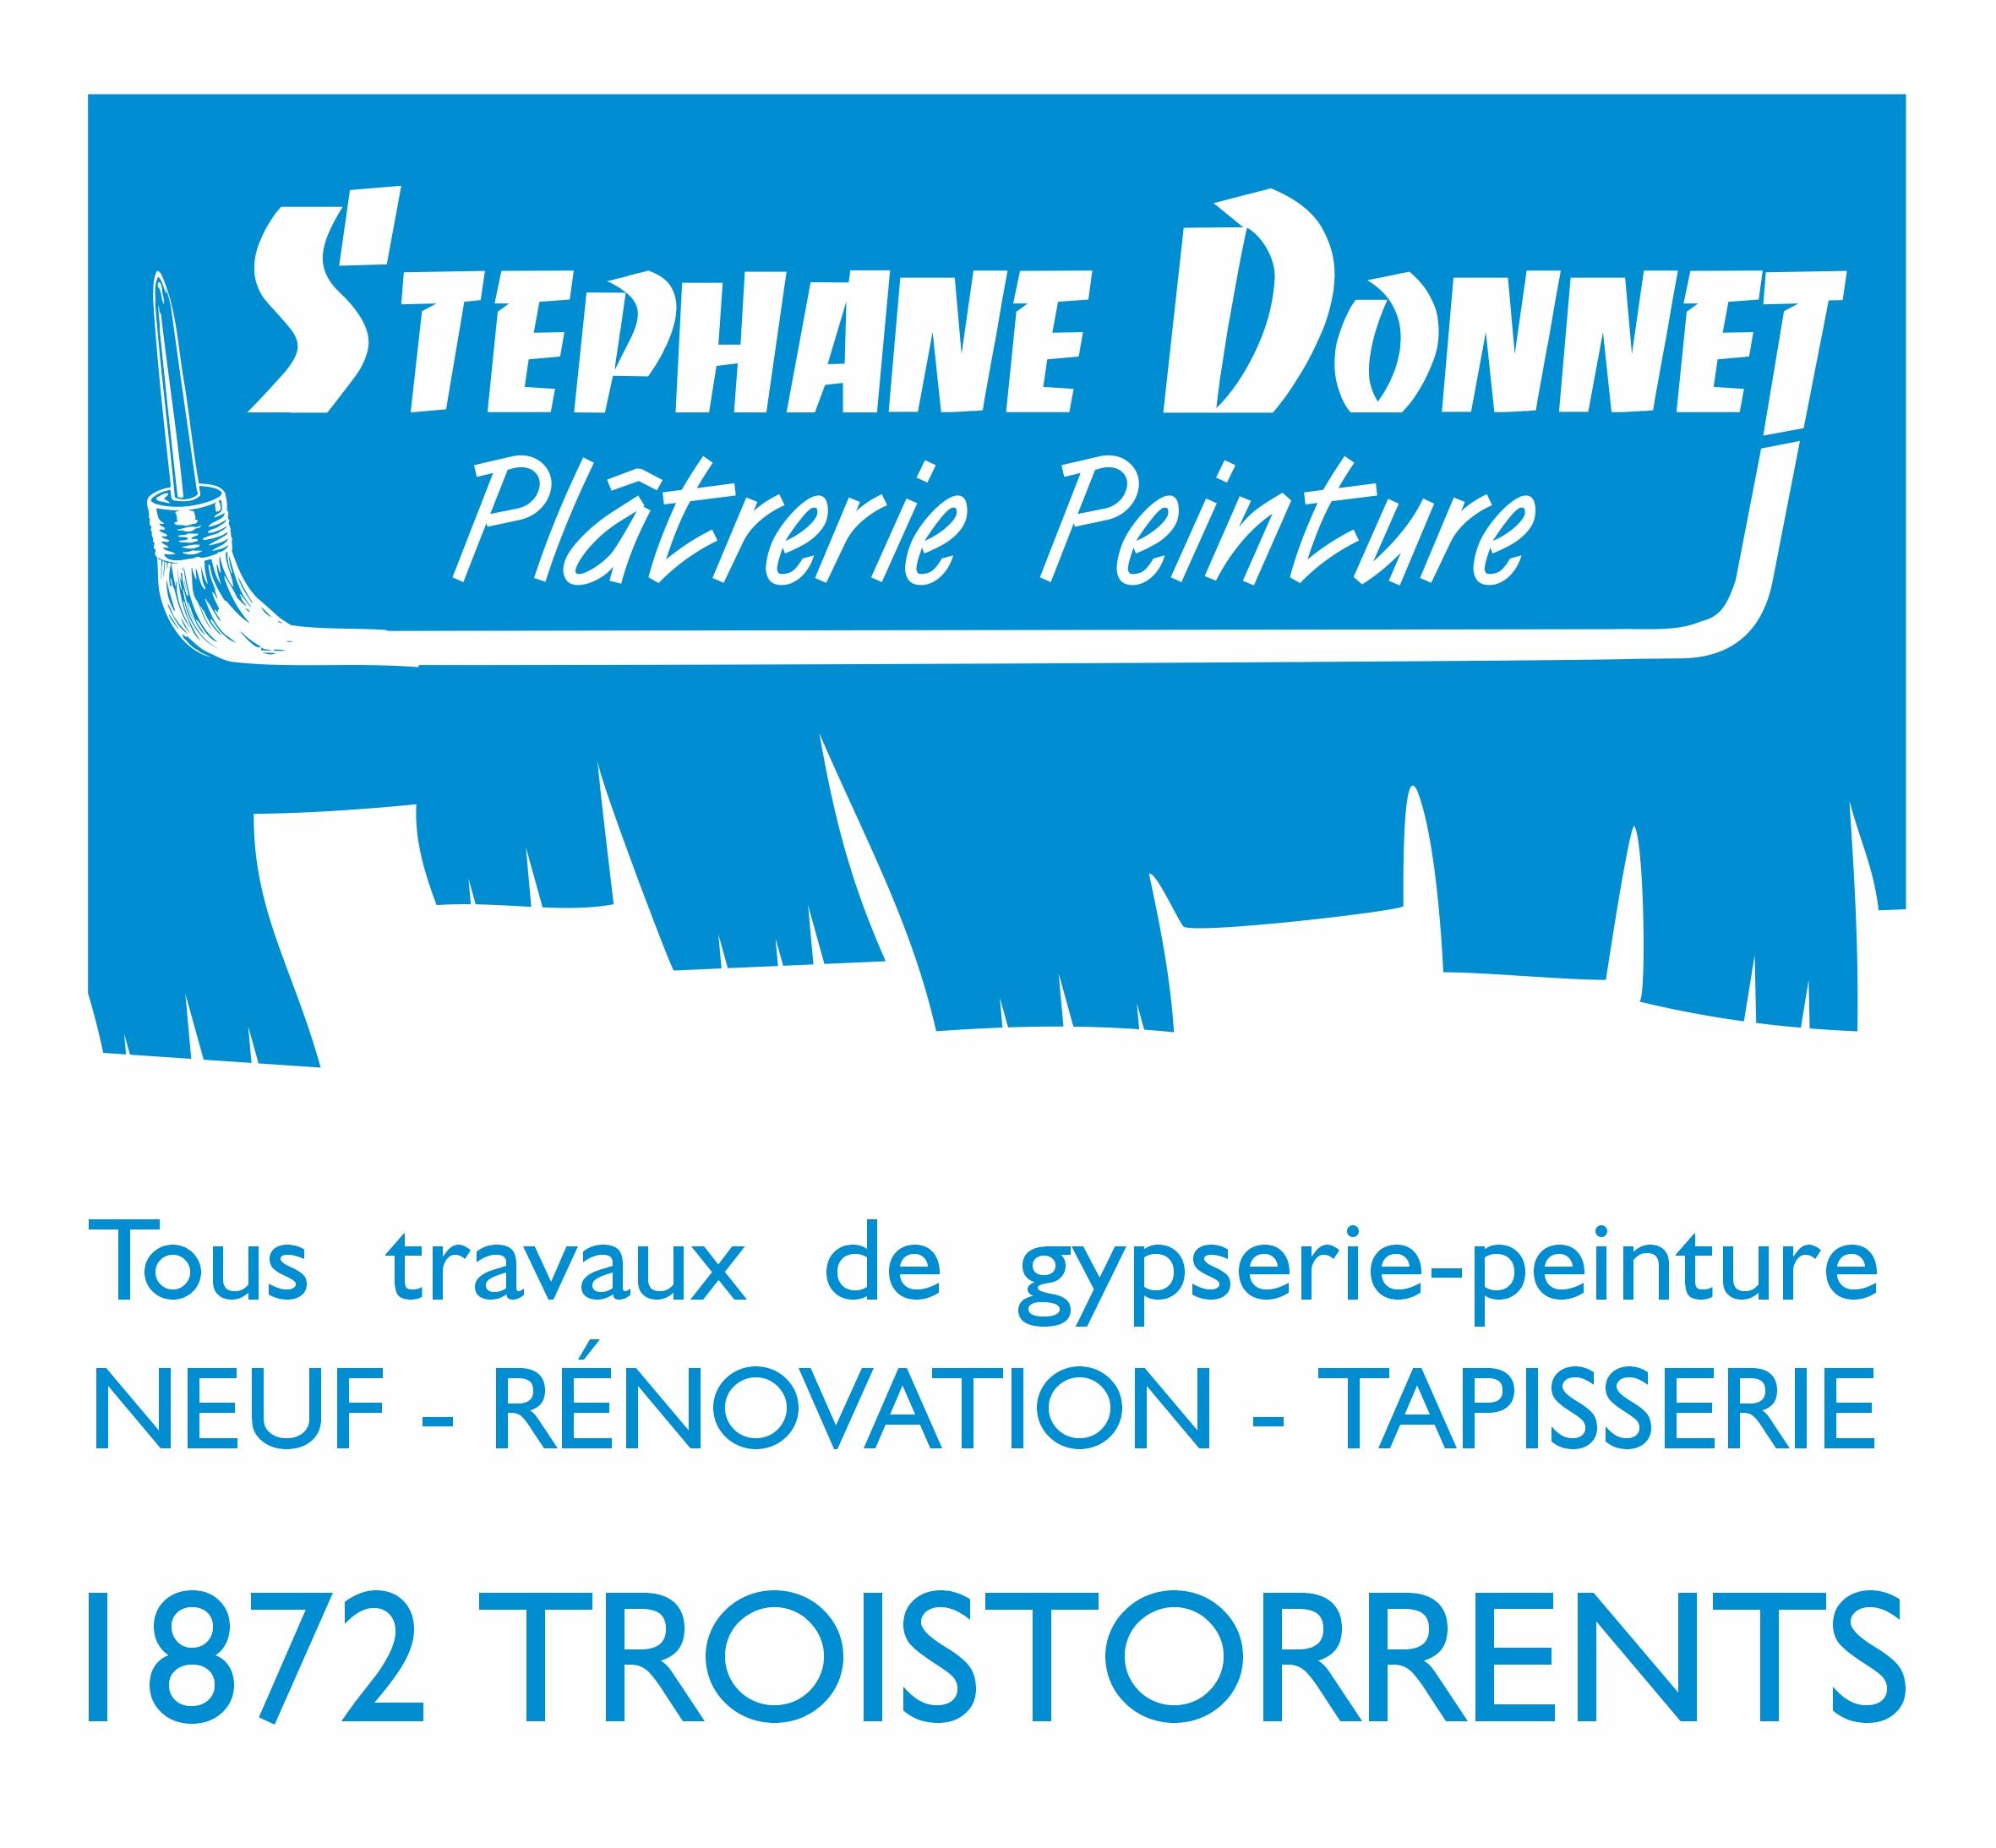 Stéphane Donnet Plâtrerie Peinture